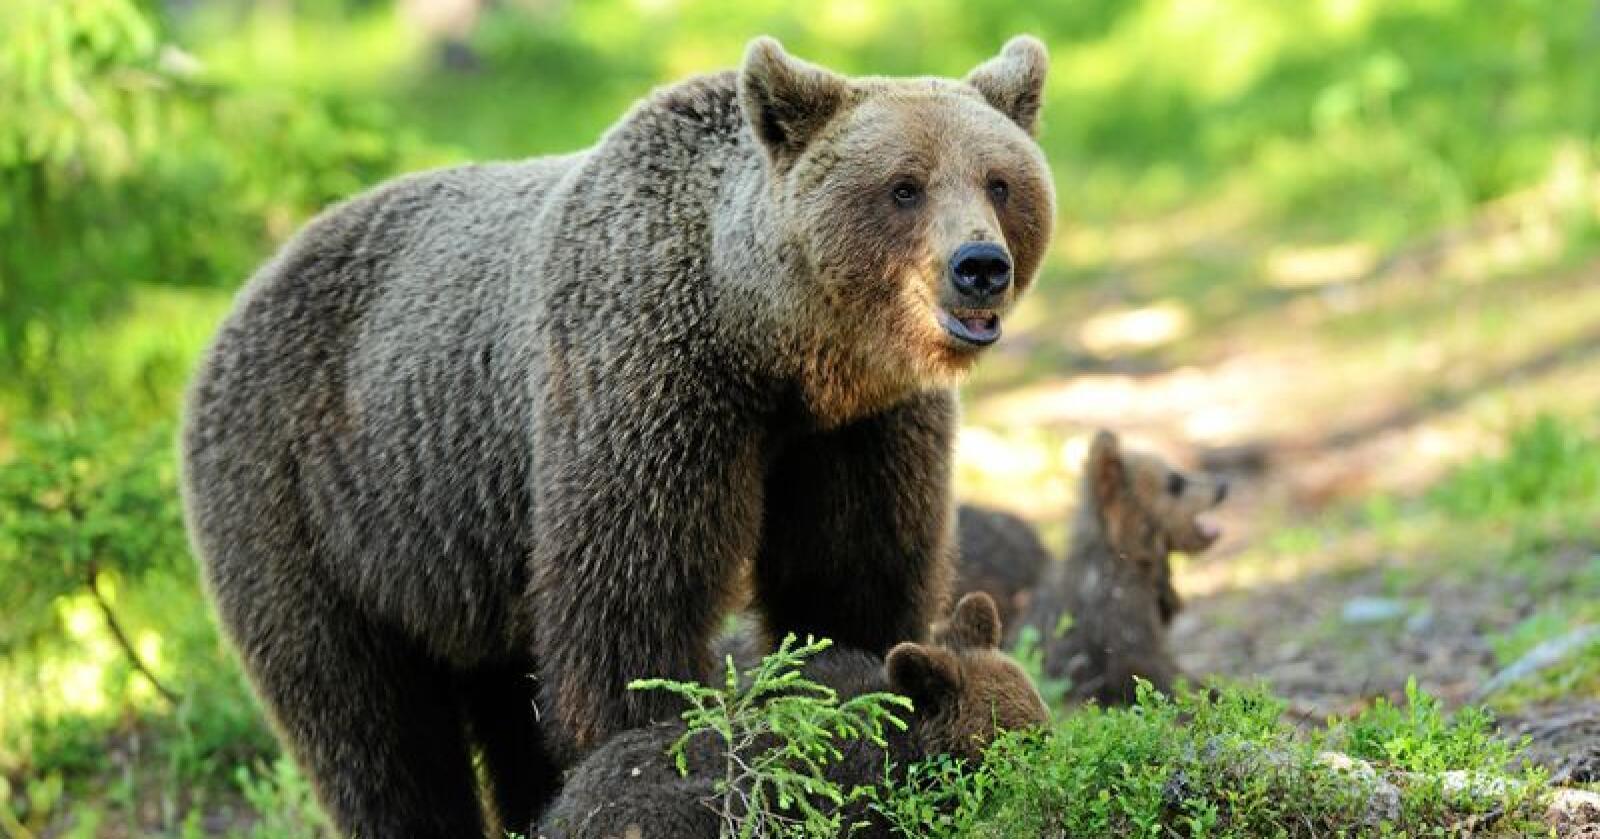 Ikkje ny kurs: Det ferske rundskrivet om bjørneforvaltning romma ikkje noko nytt, meiner klima- og miljøministeren. Foto: Erik Mandre / Mostphotos